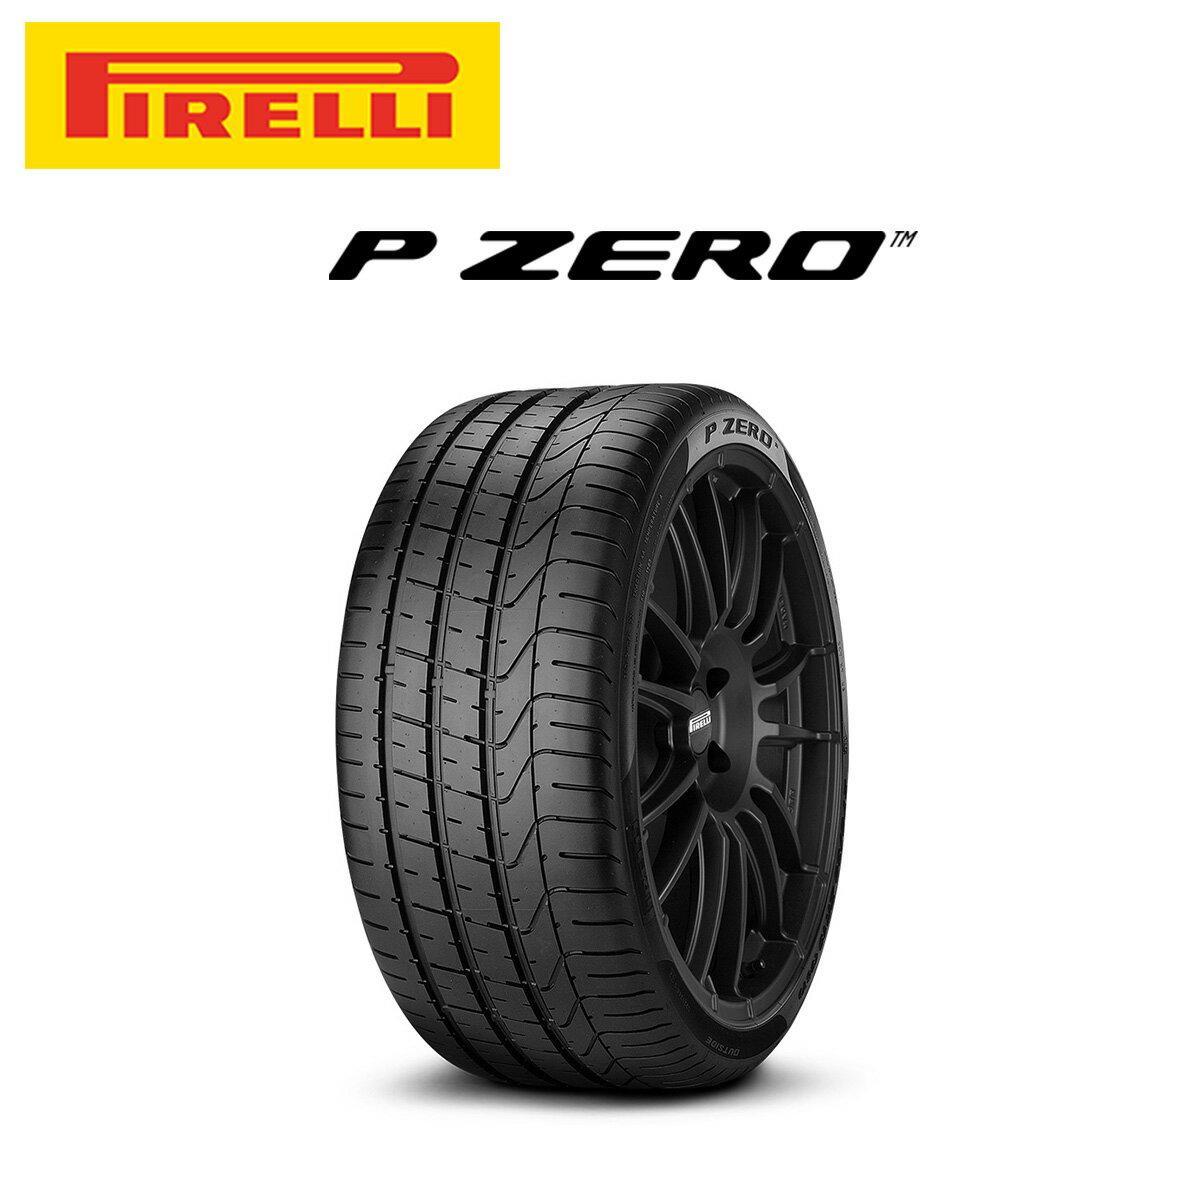 ピレリ PIRELLI P ZERO ピーゼロ 20インチ サマー タイヤ 4本 セット 295/30ZR20 101Y XL ★:BMW MINI承認タイヤ 2039300